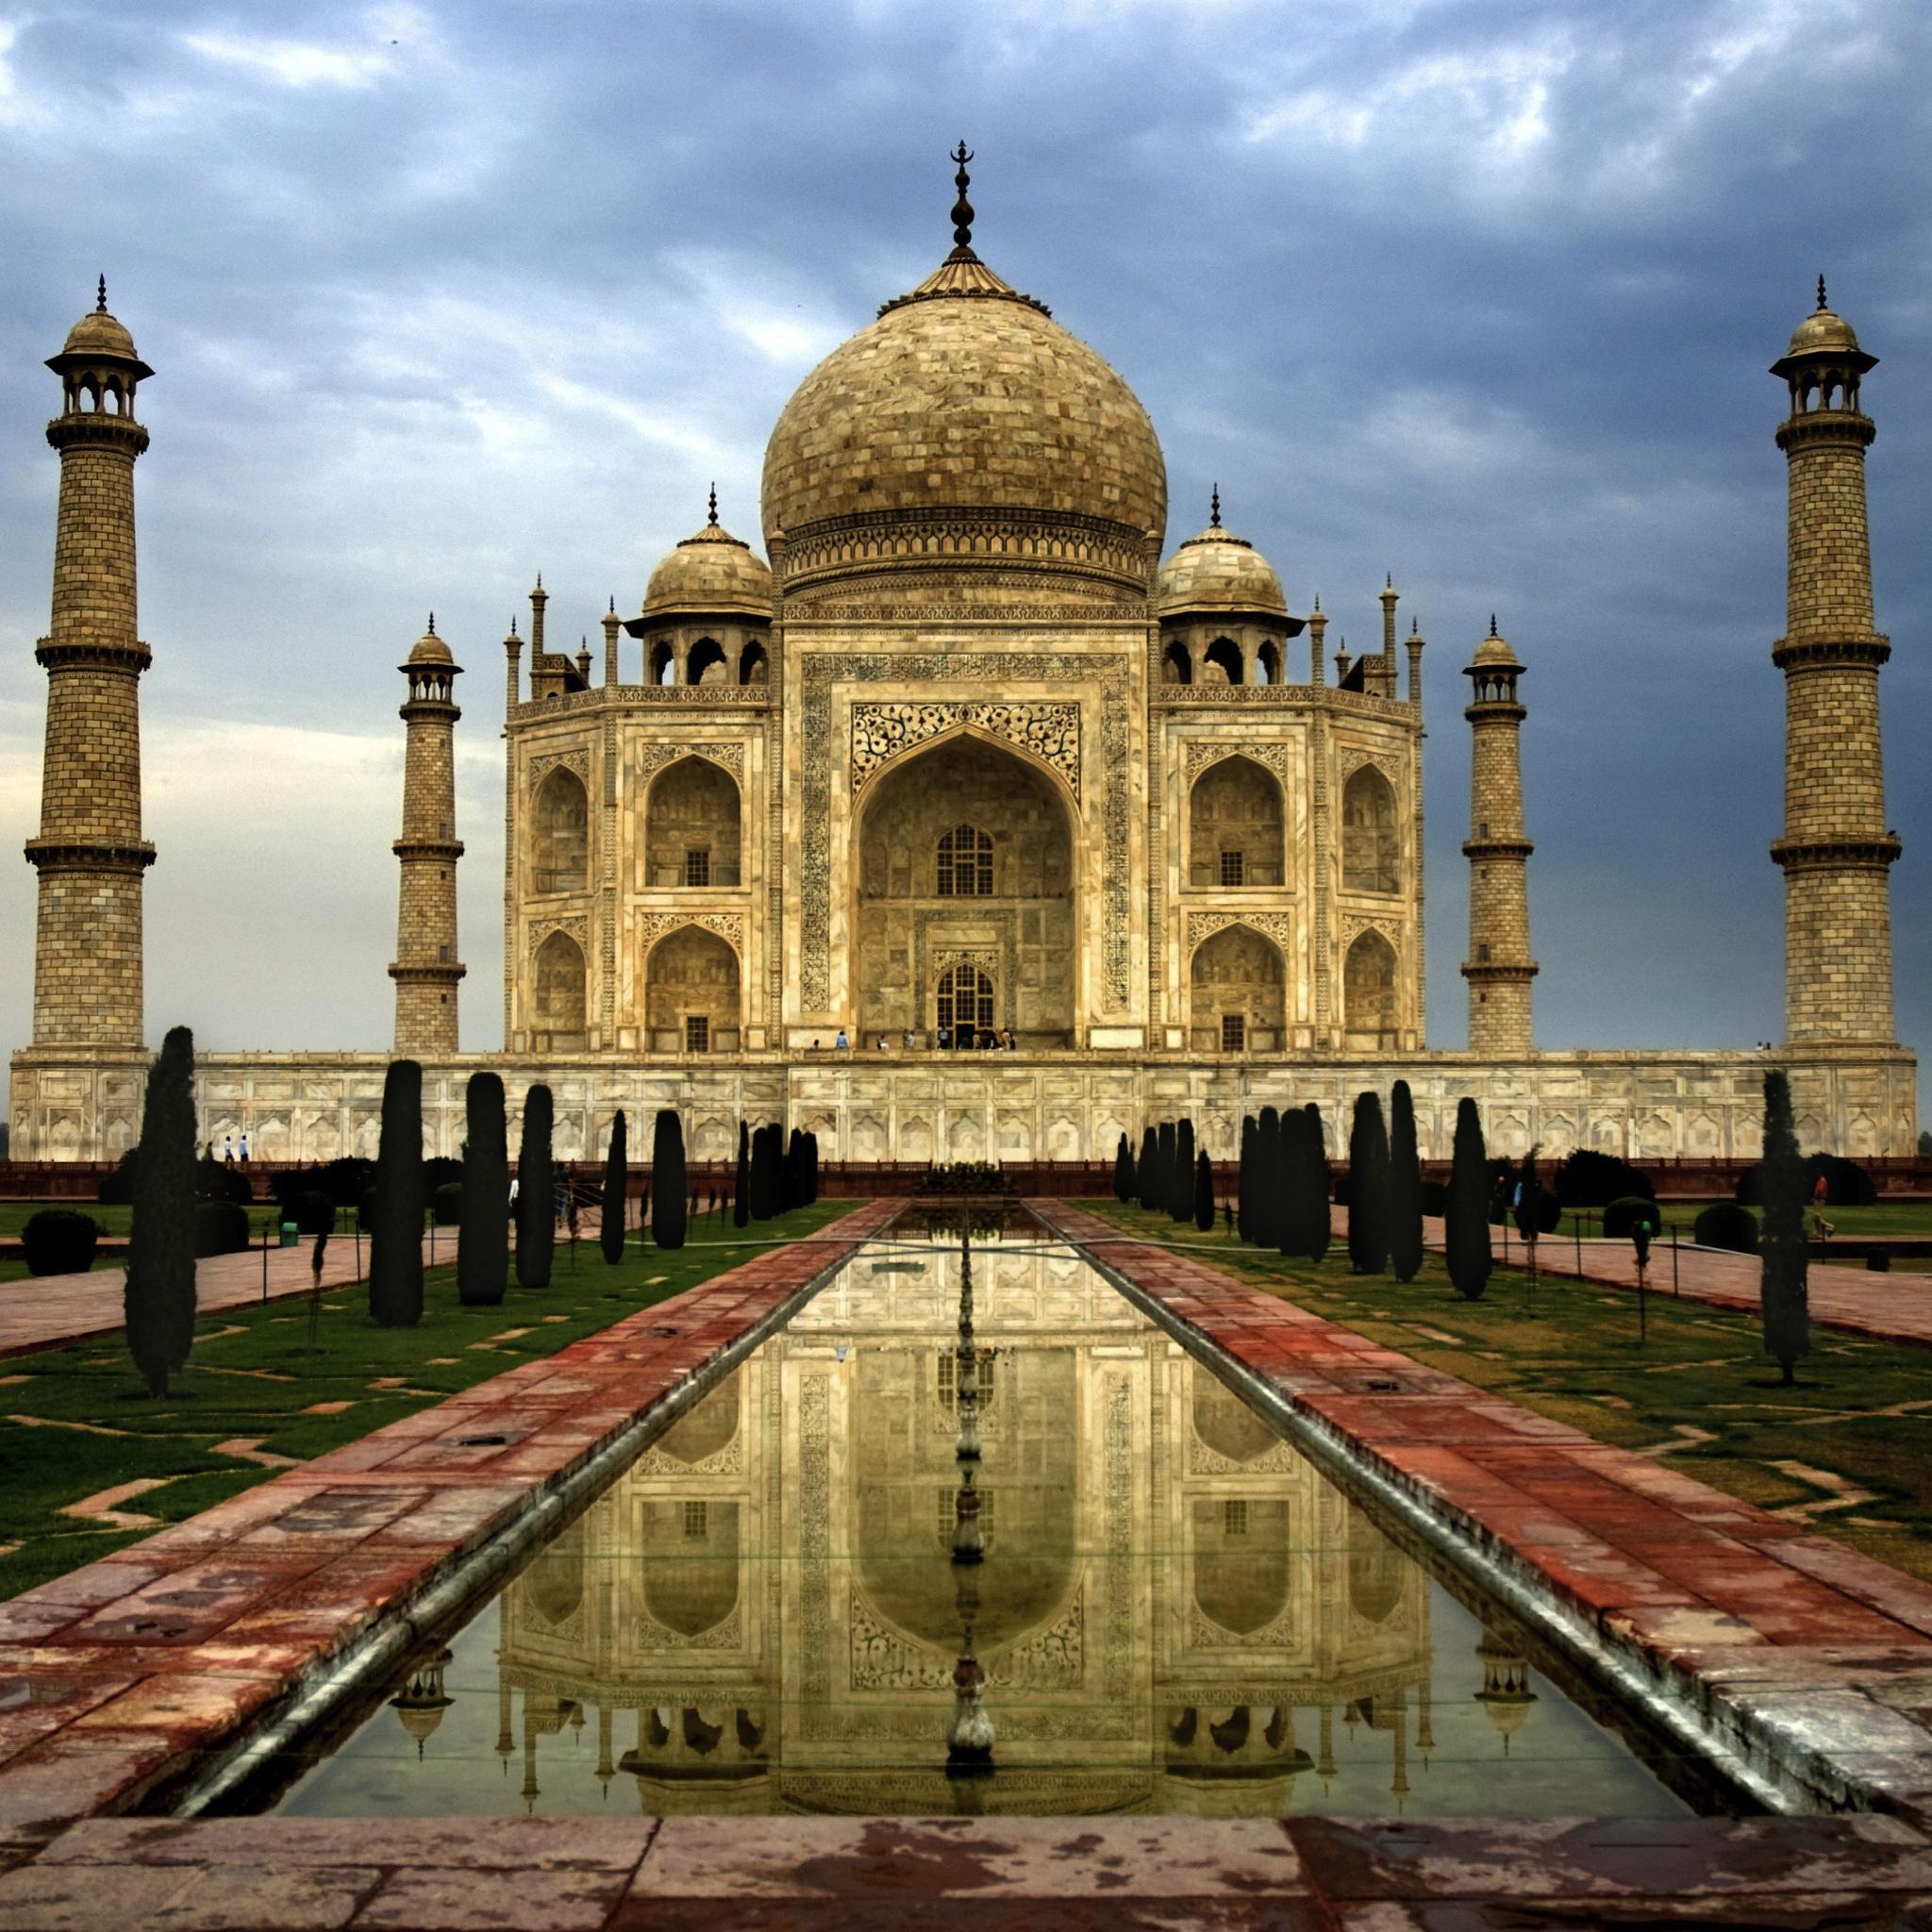 Le Taj Mahal 3W iPad.jpg  Le Taj Mahal   iPad